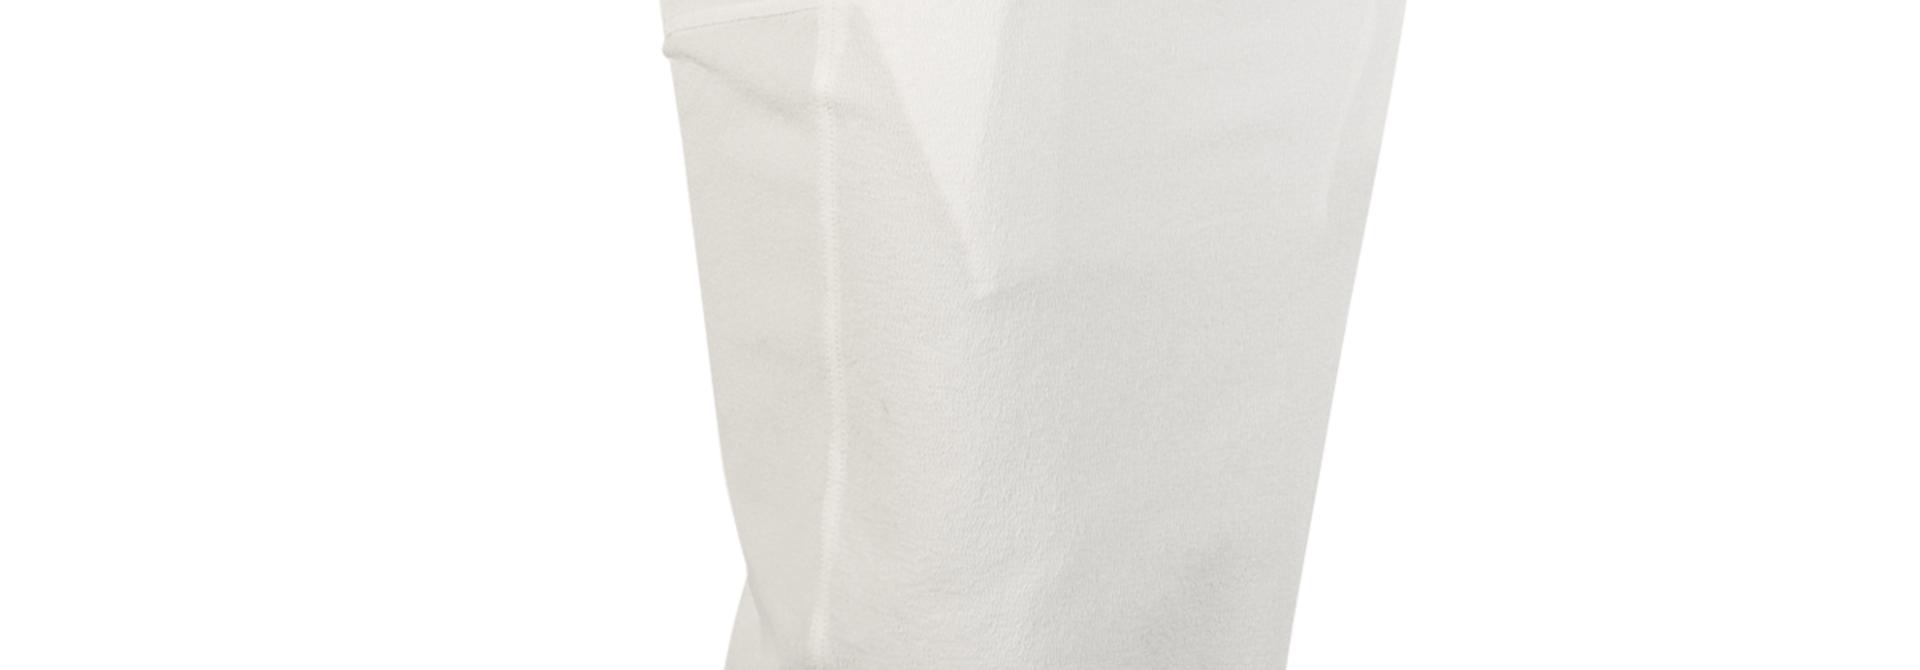 Back Split Skirt - Chalk White - Sz 42